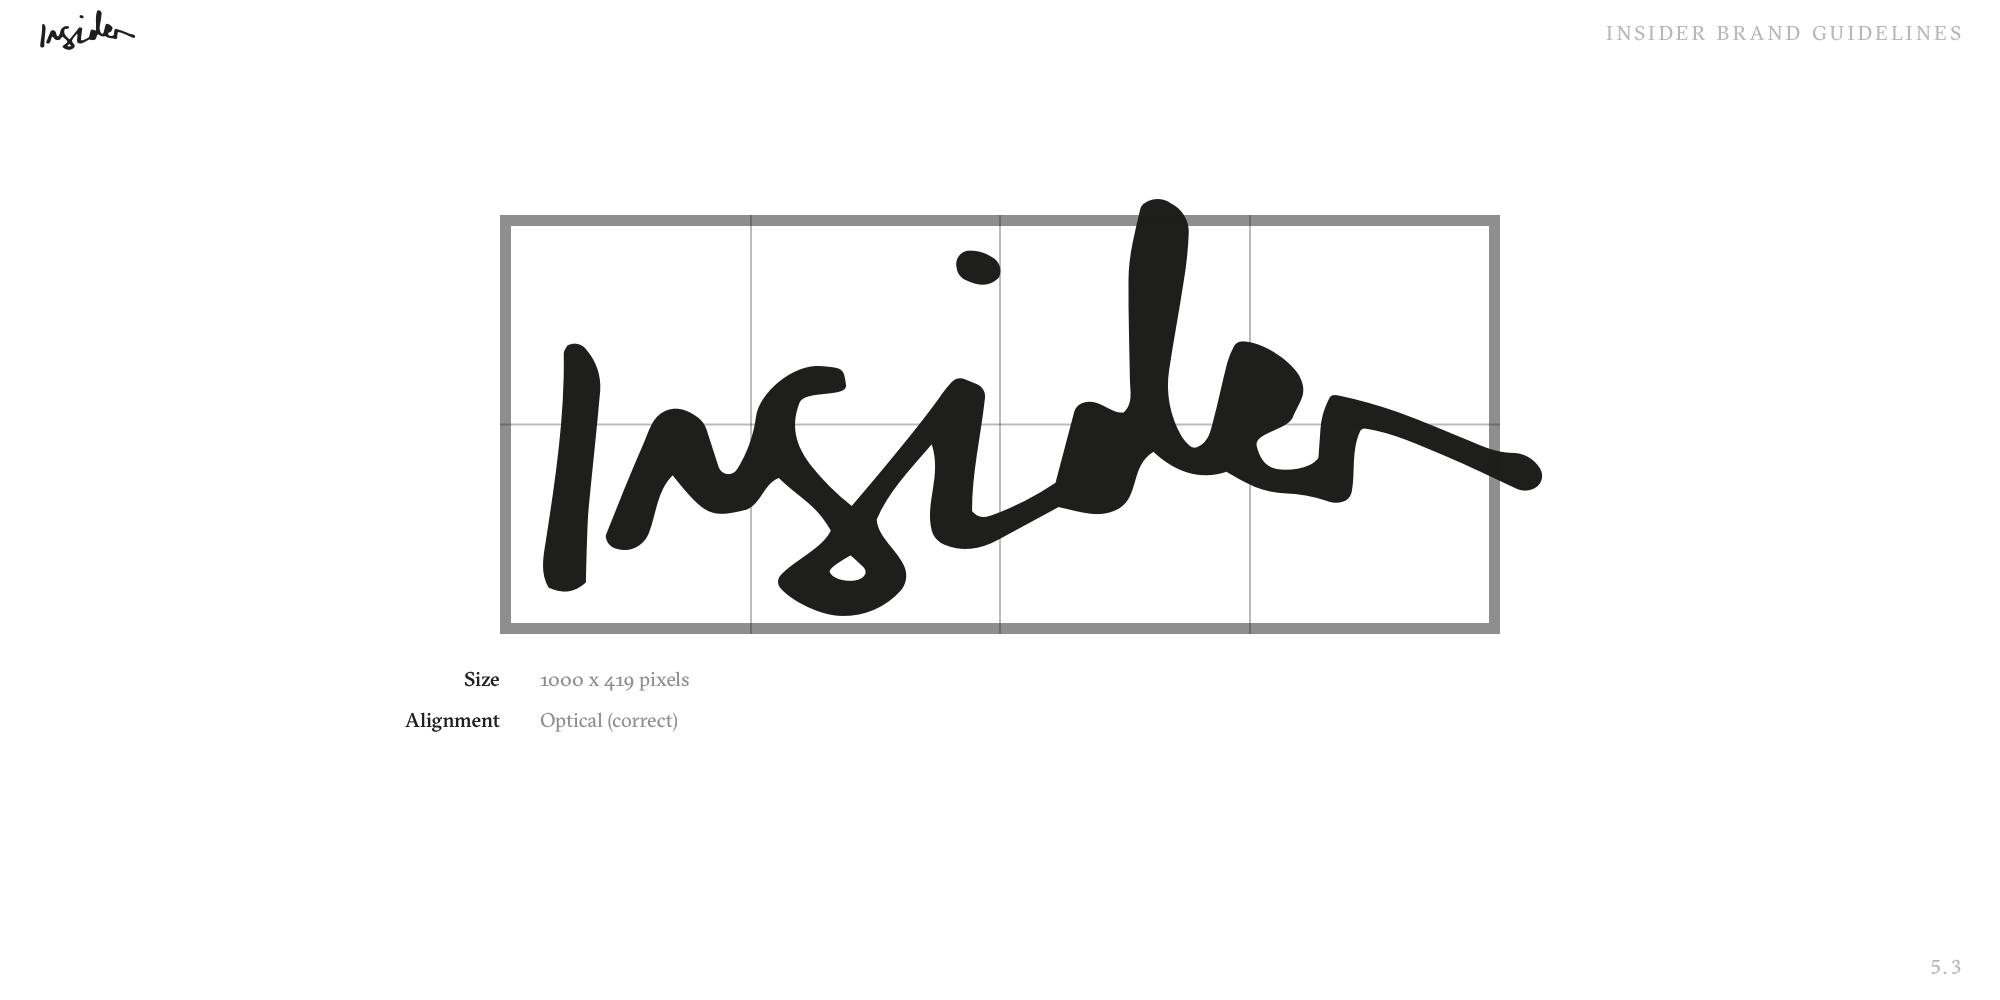 Insider-BrandGuidelines-pg29.jpg